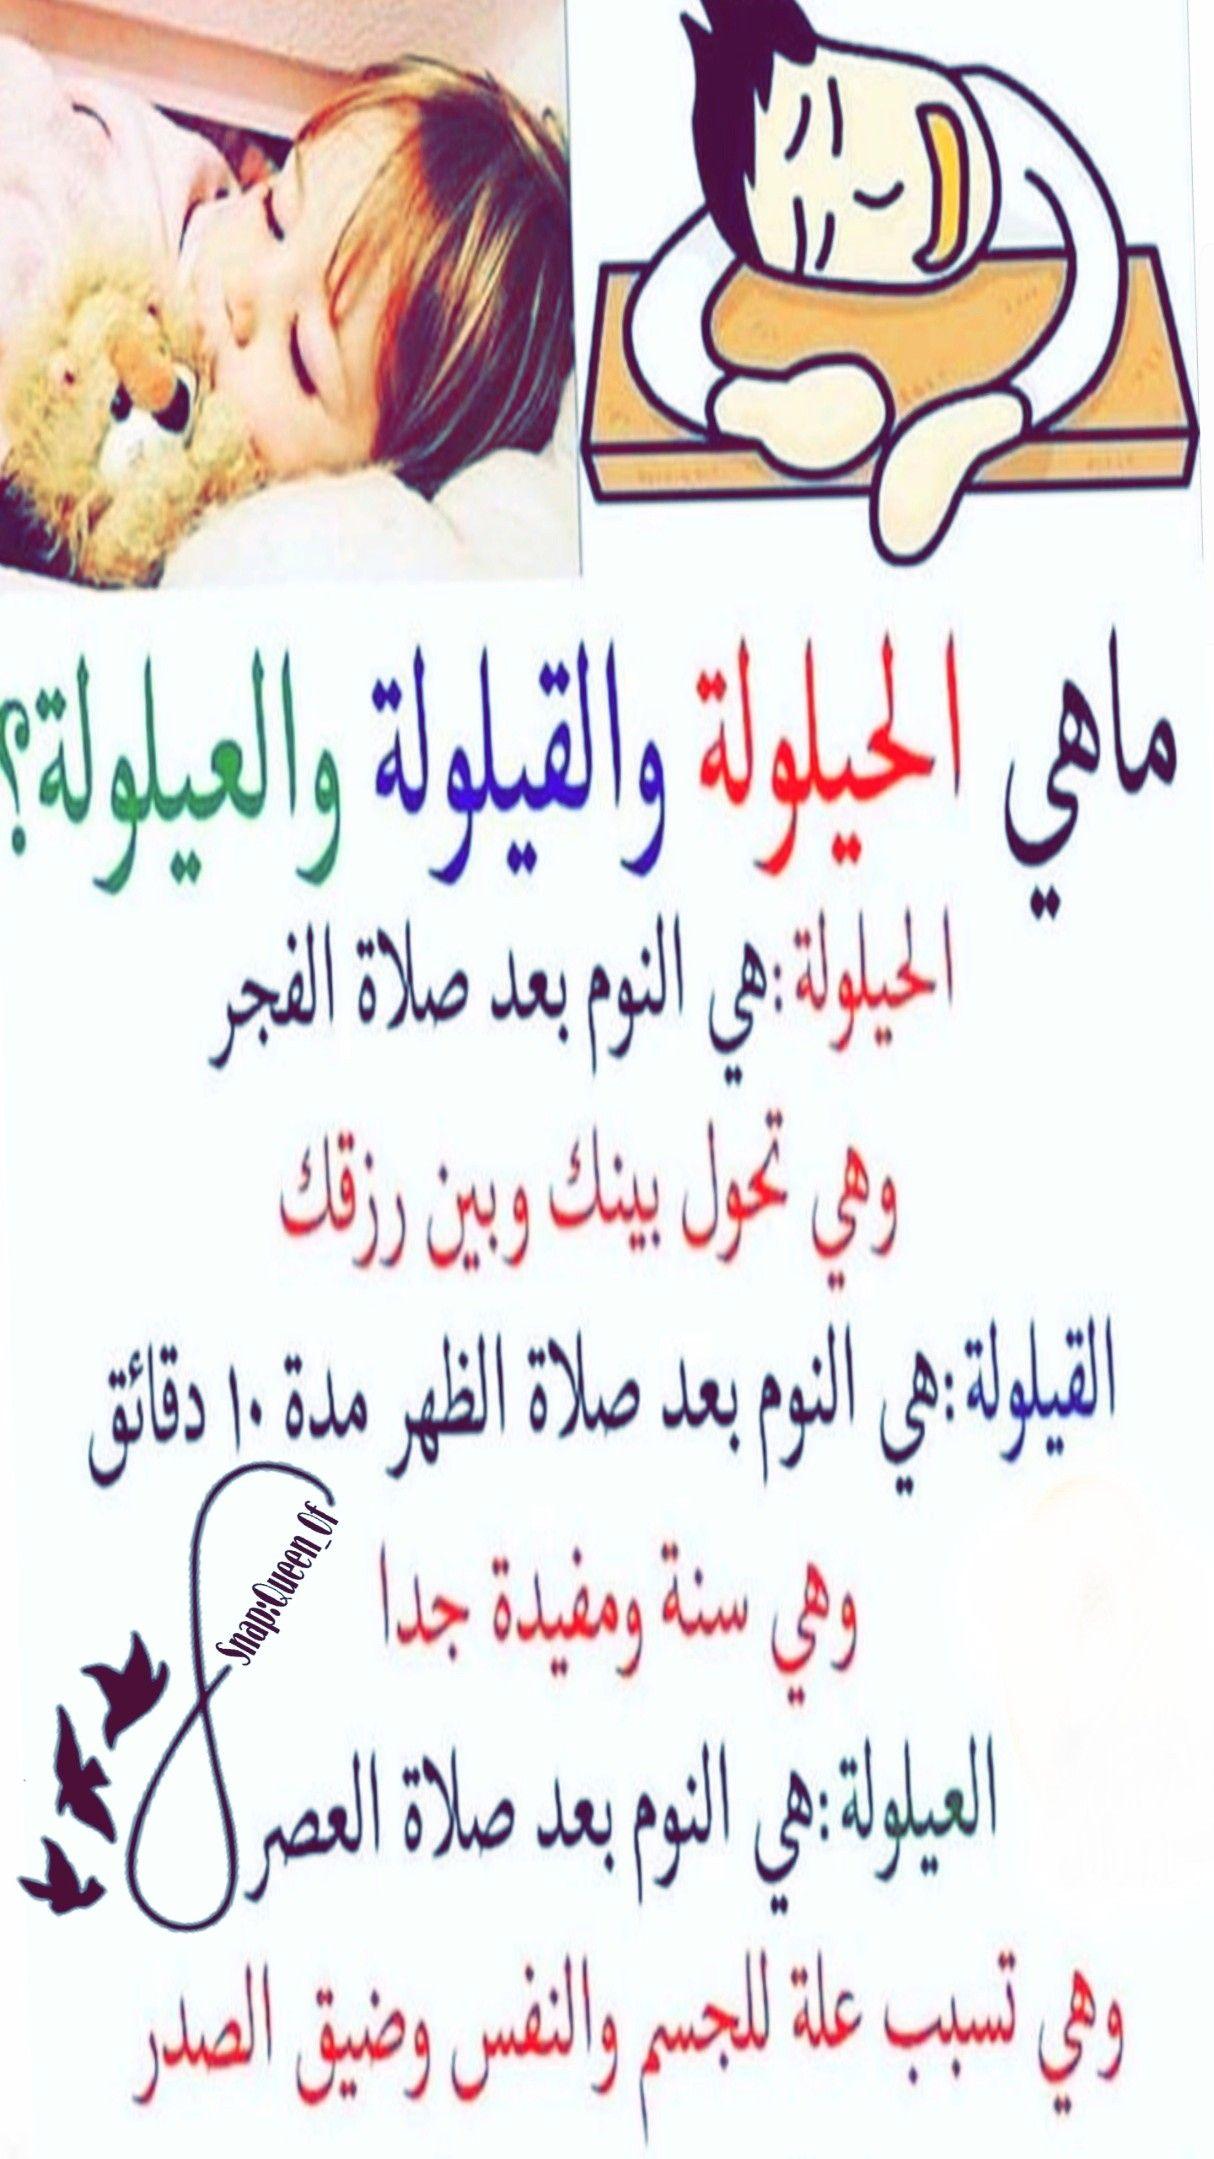 صلاة الفجر الصلاة خير من النوم الصلاة خير من النوم Beautiful Quran Quotes Quran Quotes Islamic Images